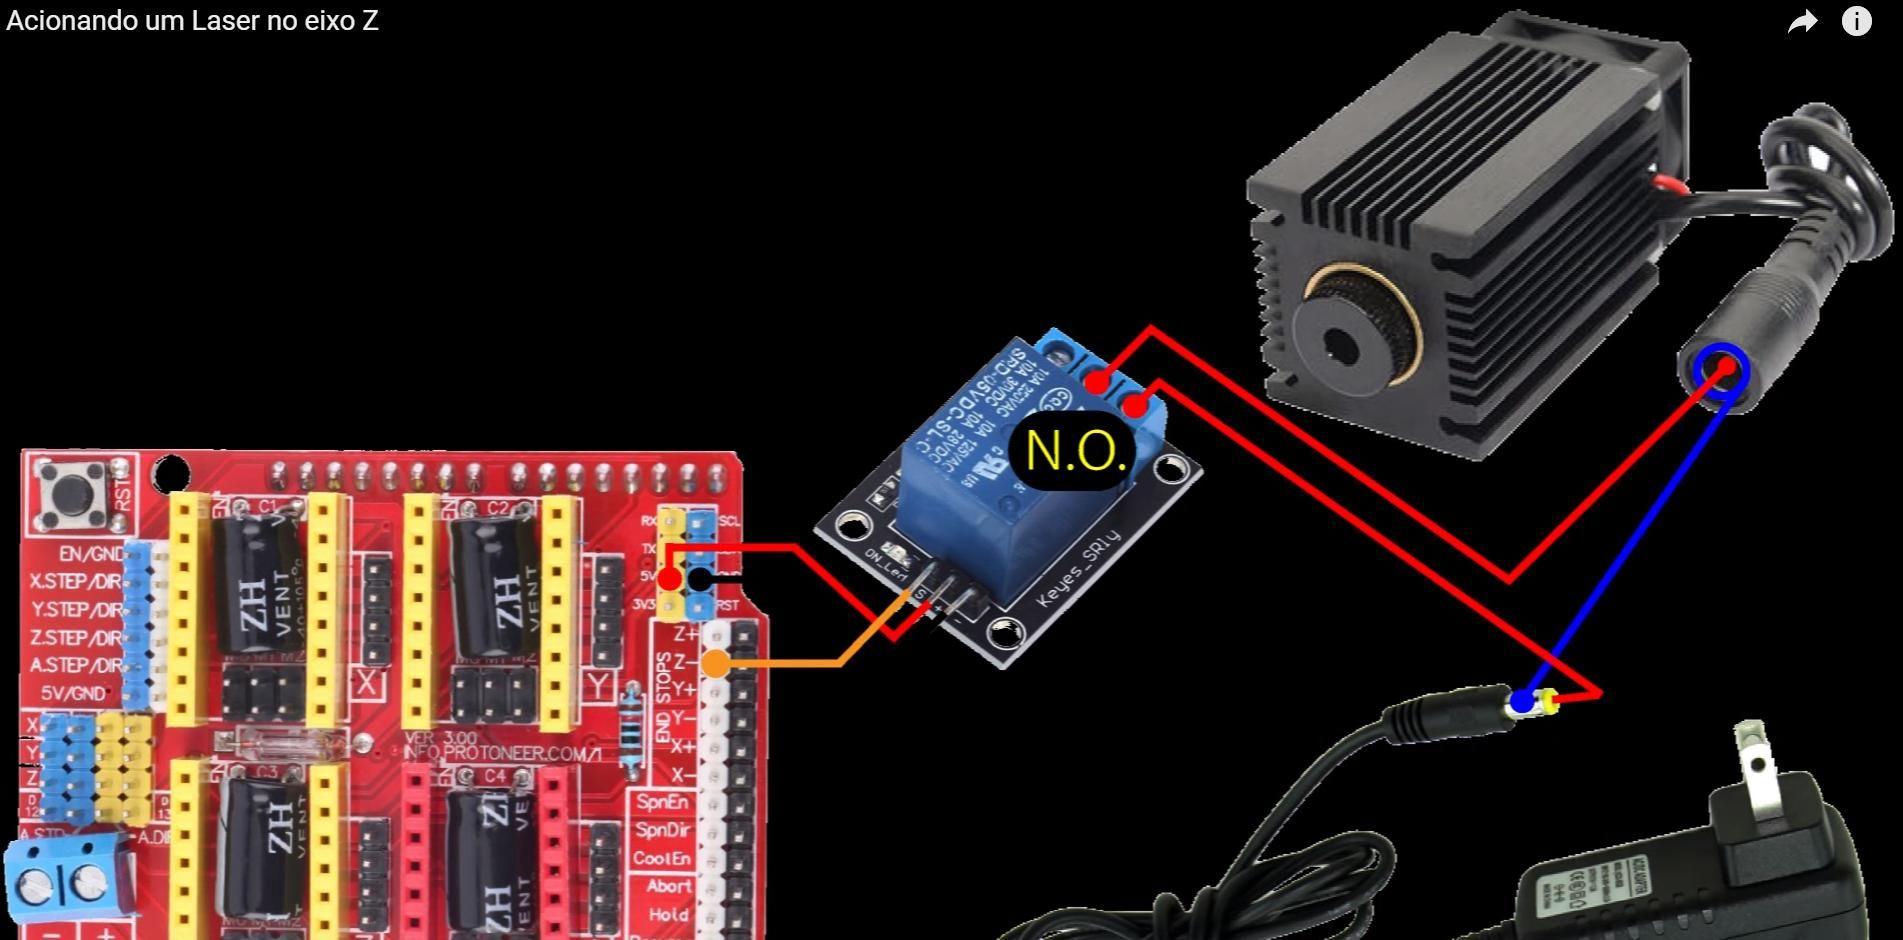 Como Ligar Um Laser No Eixo Z Arduino Em 2019 Cnc